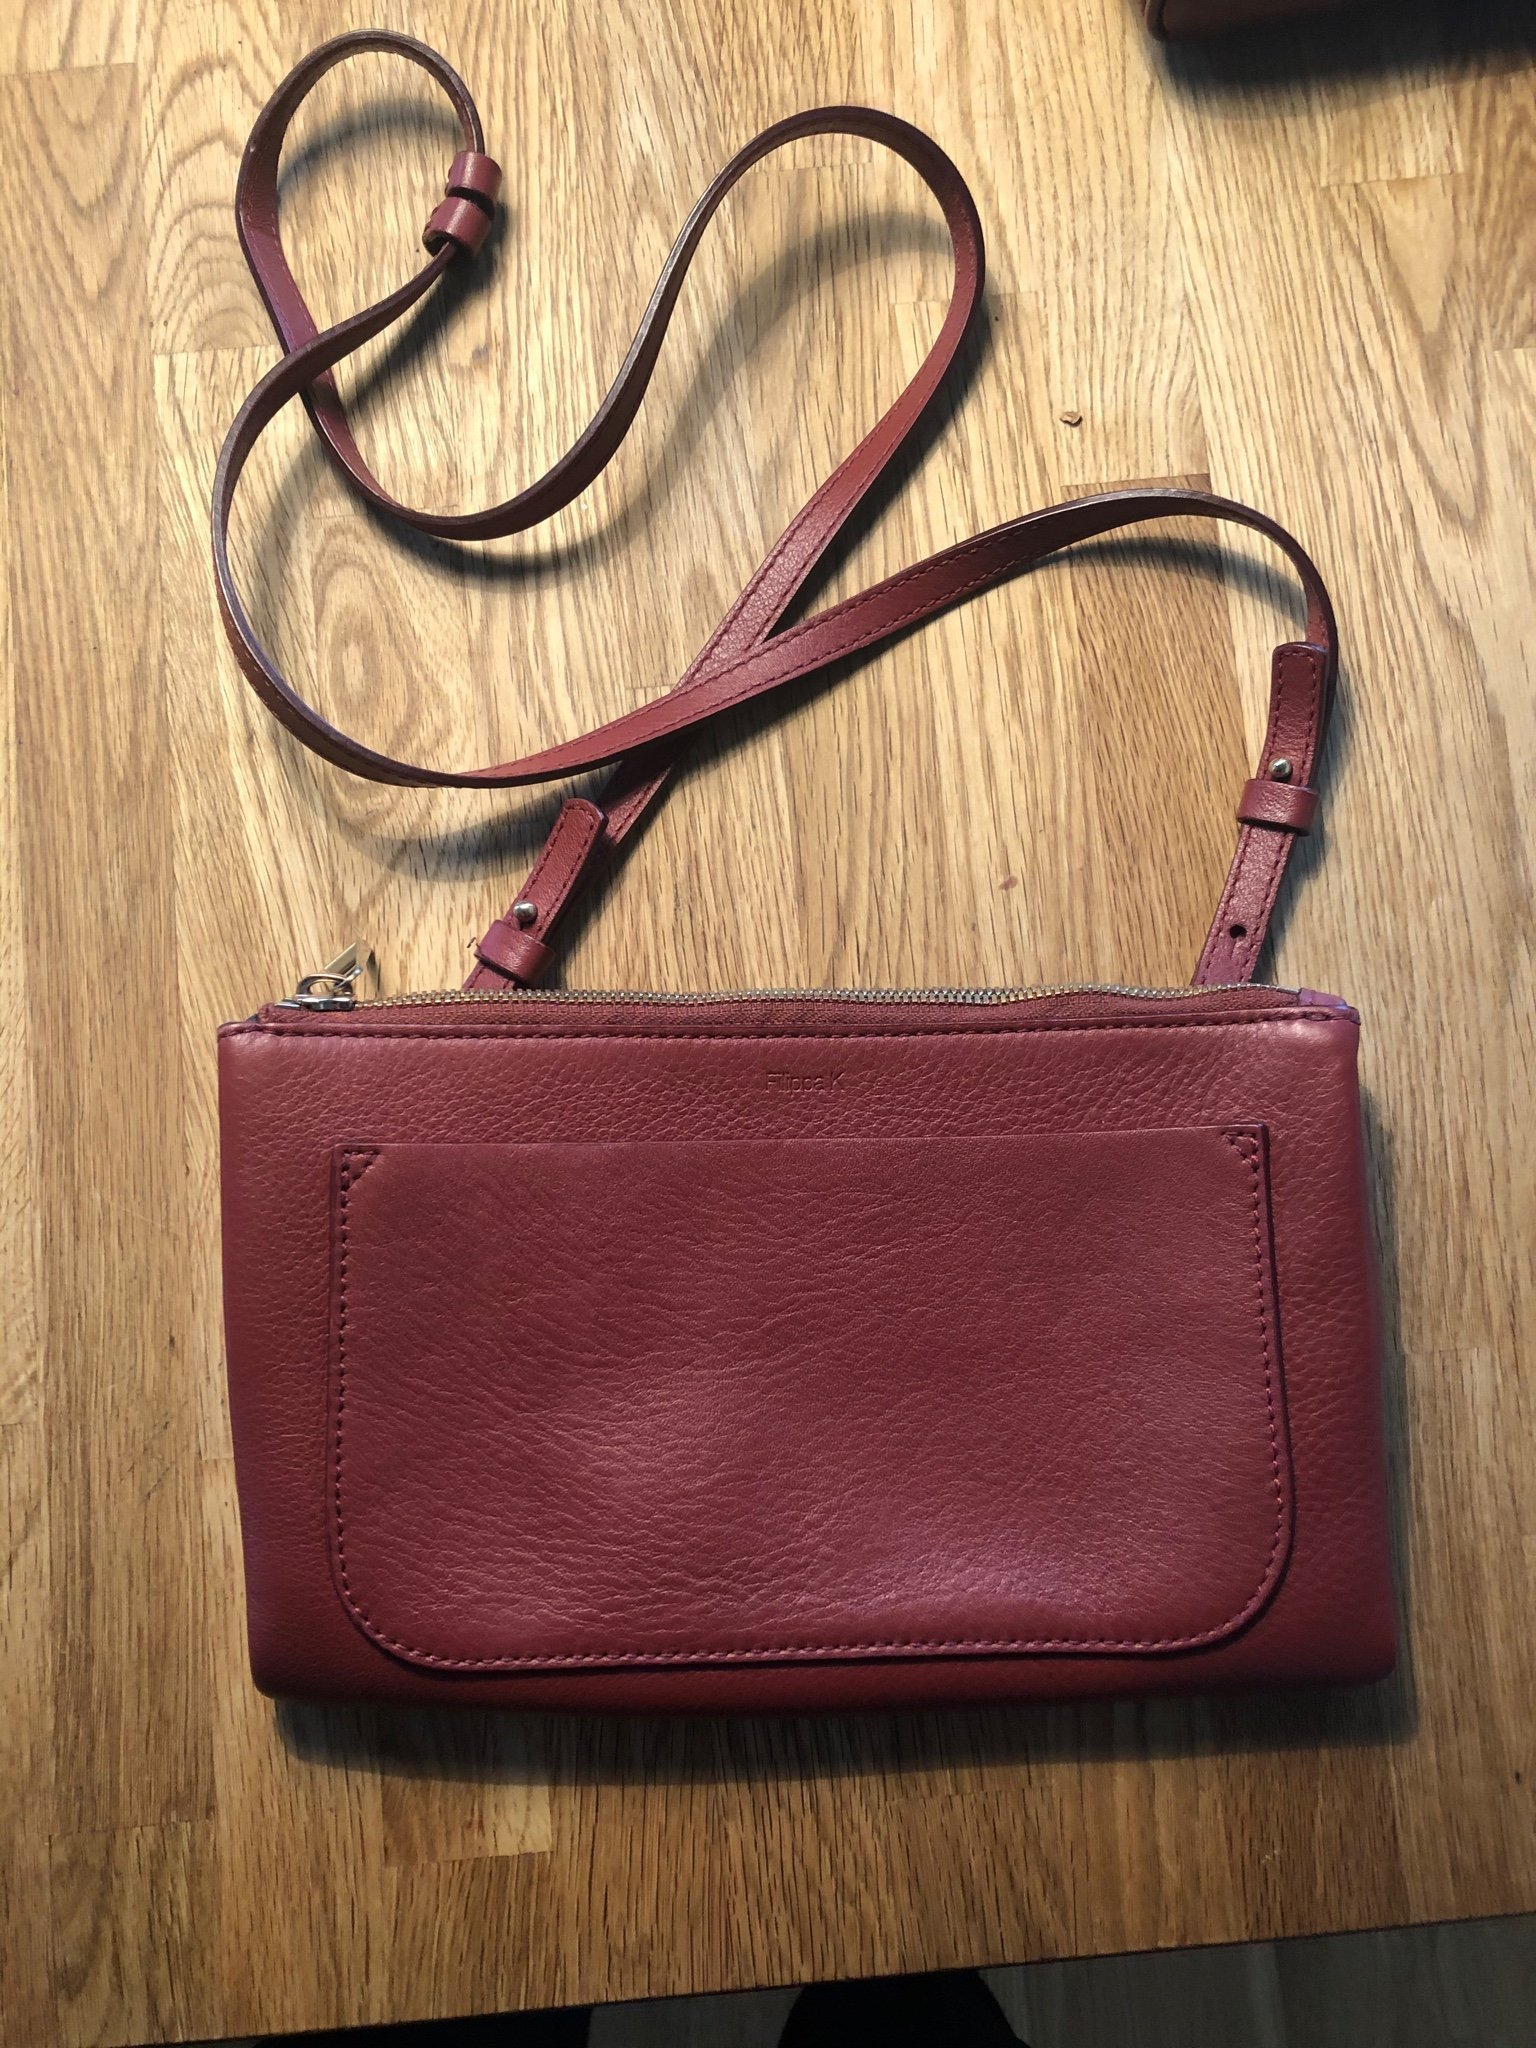 Filippa k handväska (415016421) ᐈ Köp på Tradera